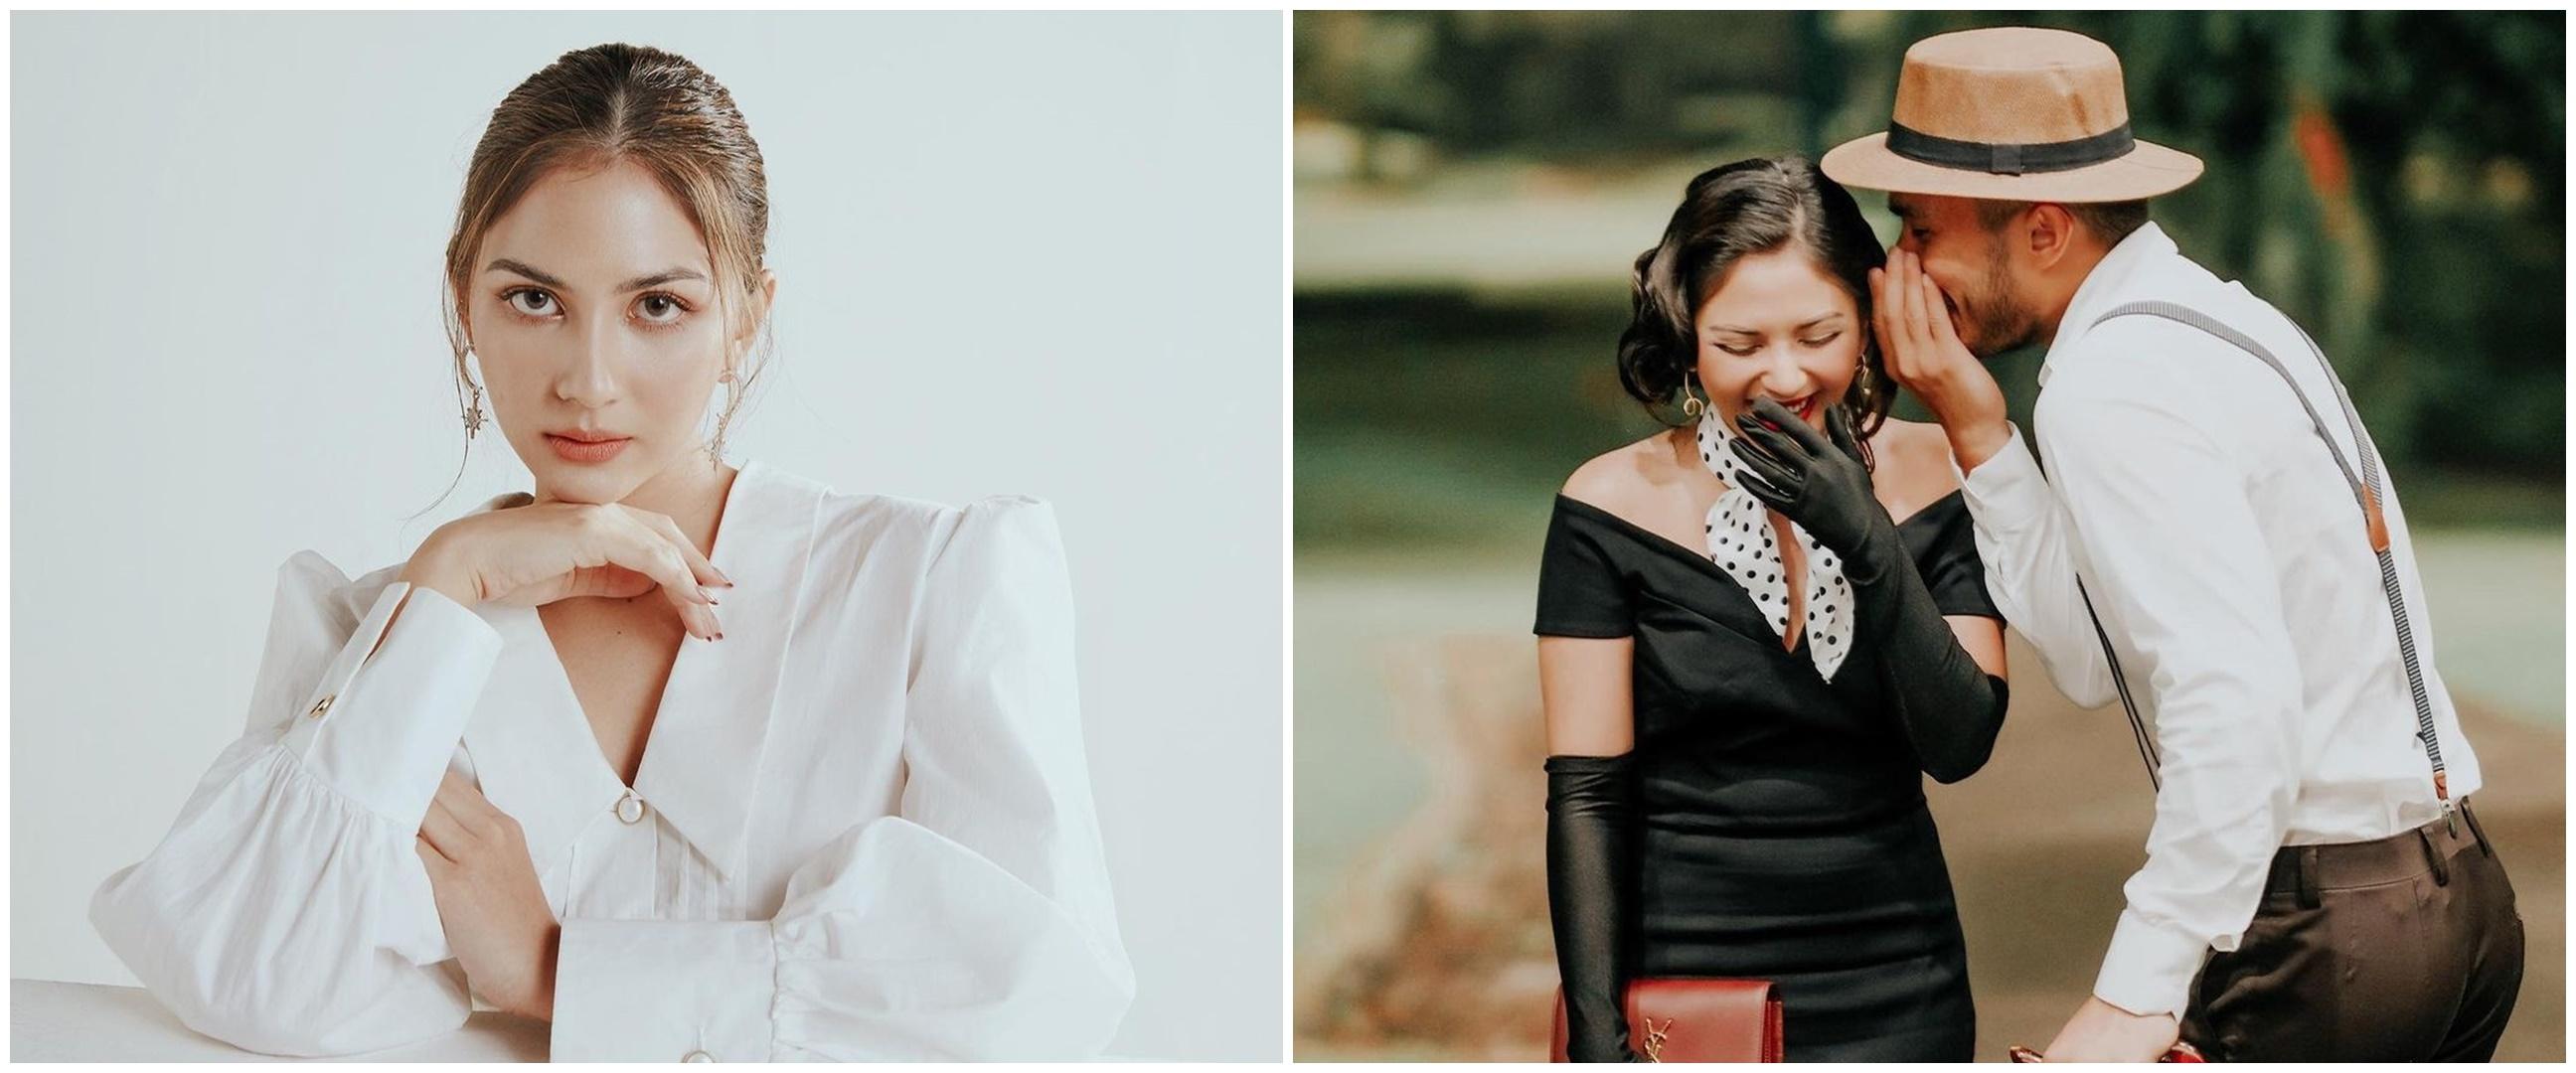 6 Potret kebersamaan Jessica Mila dan Yakup Hasibuan, banjir pujian